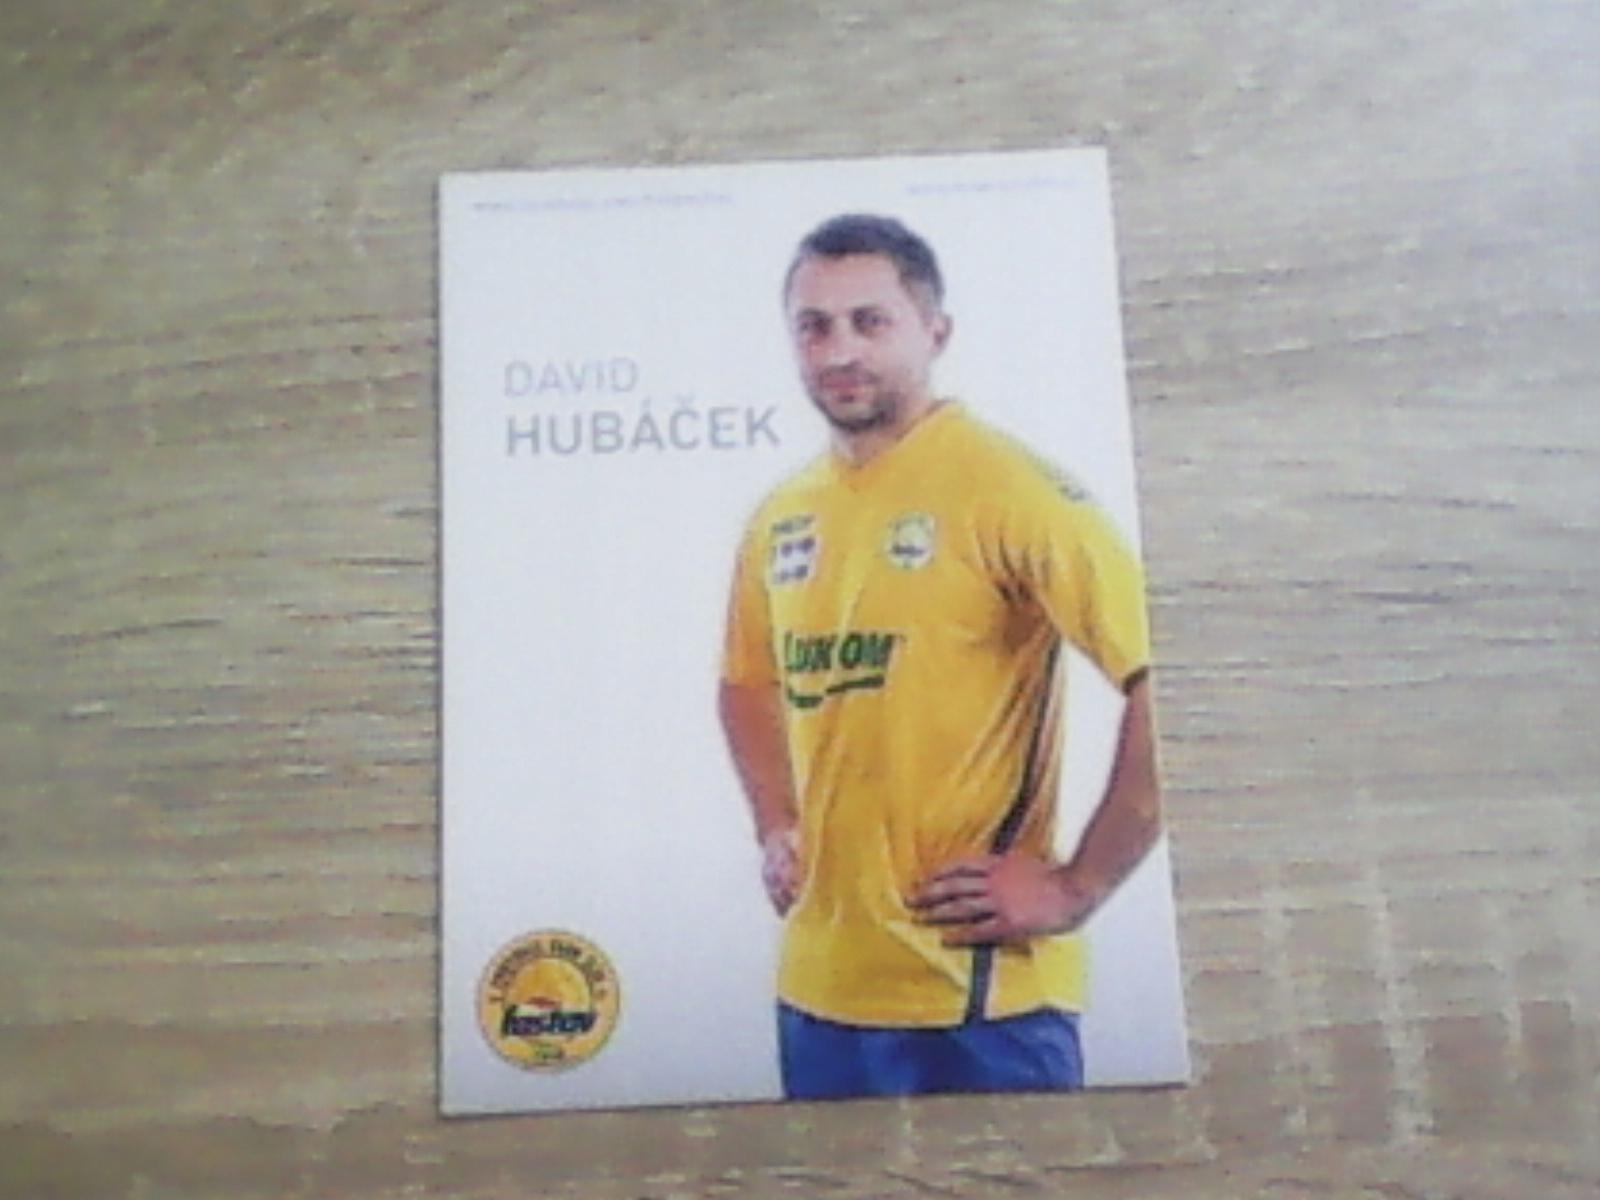 Piłka nożna - fotos Hubaczek, FC Zlin